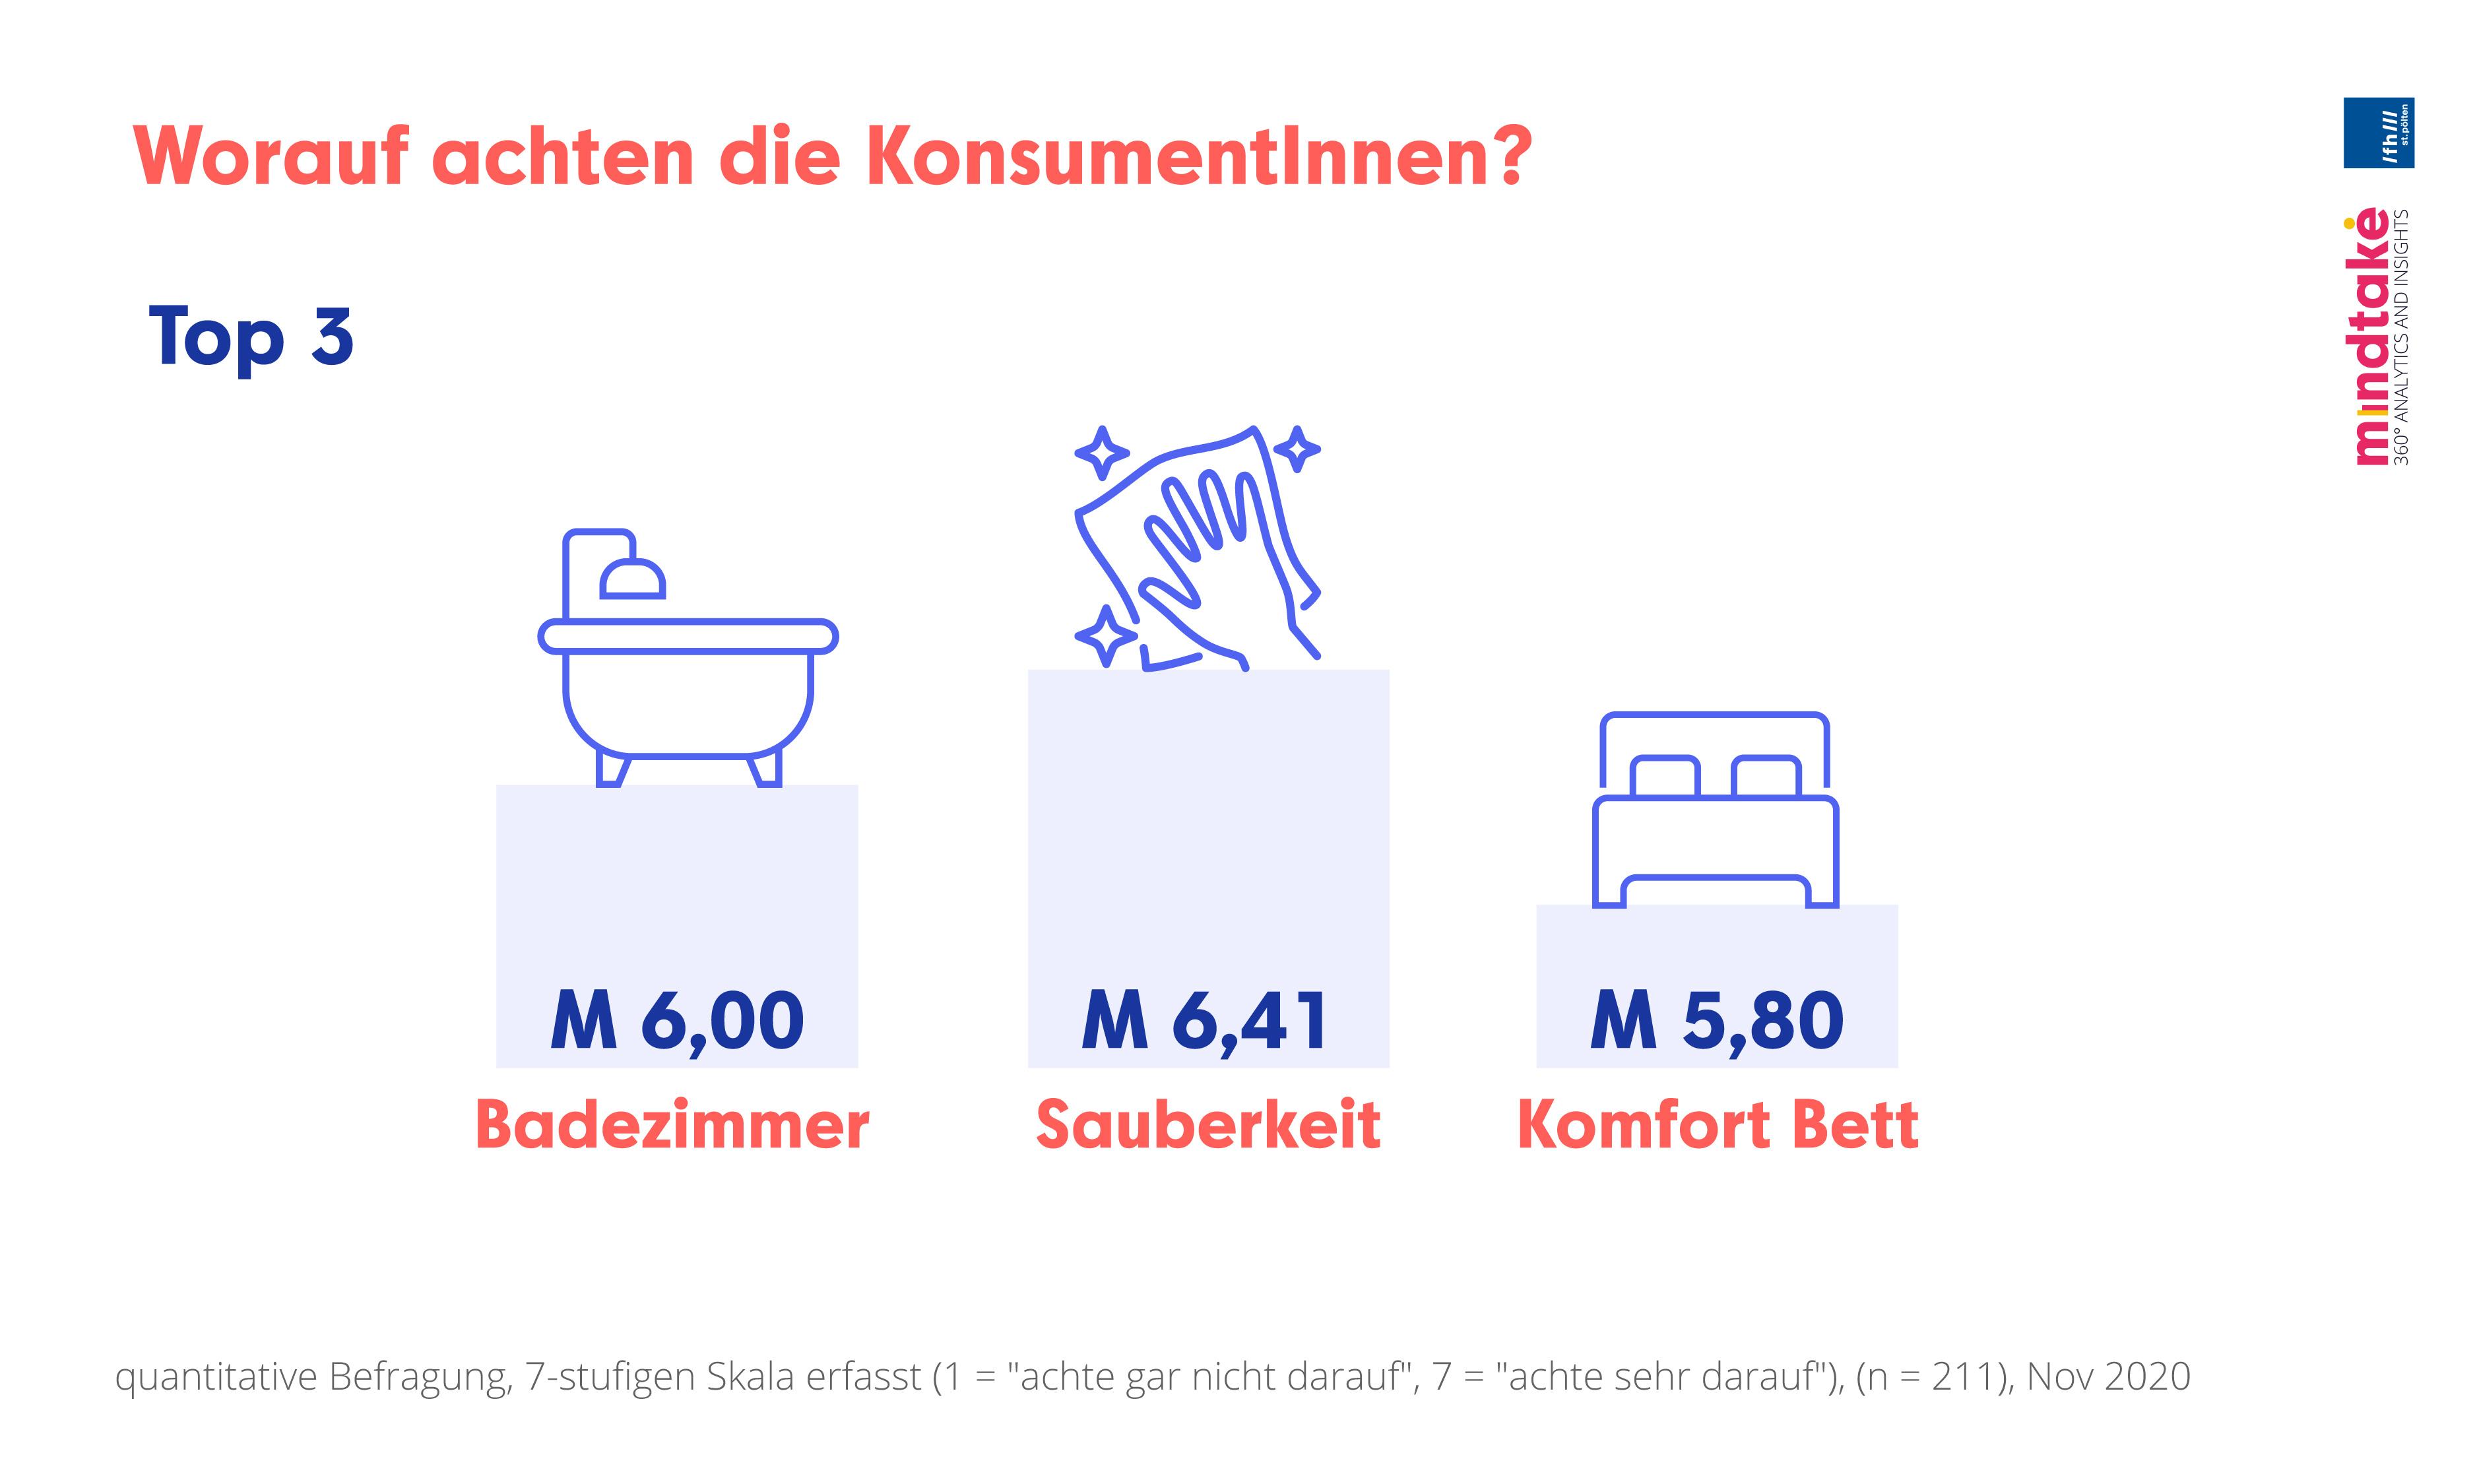 Worauf_achten_die_KonsumentInnen_Badezimmer_Sauberkeit_KomfortBett